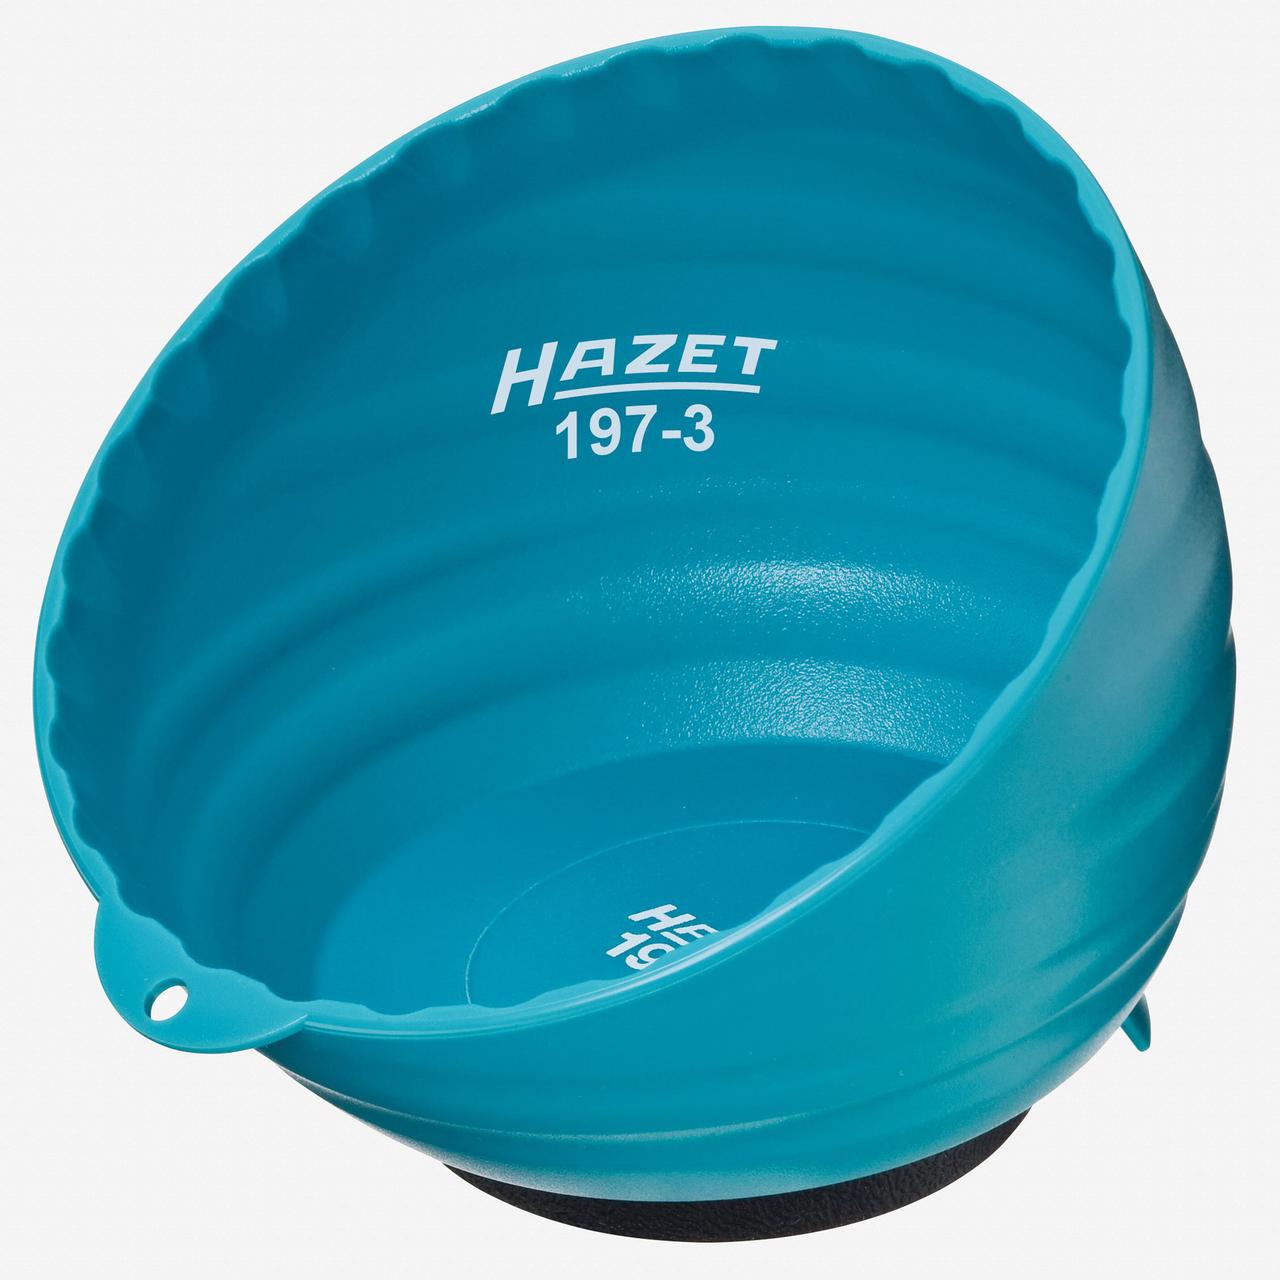 Hazet 197-3 Magnetic cup 150 mm diameter  - KC Tool